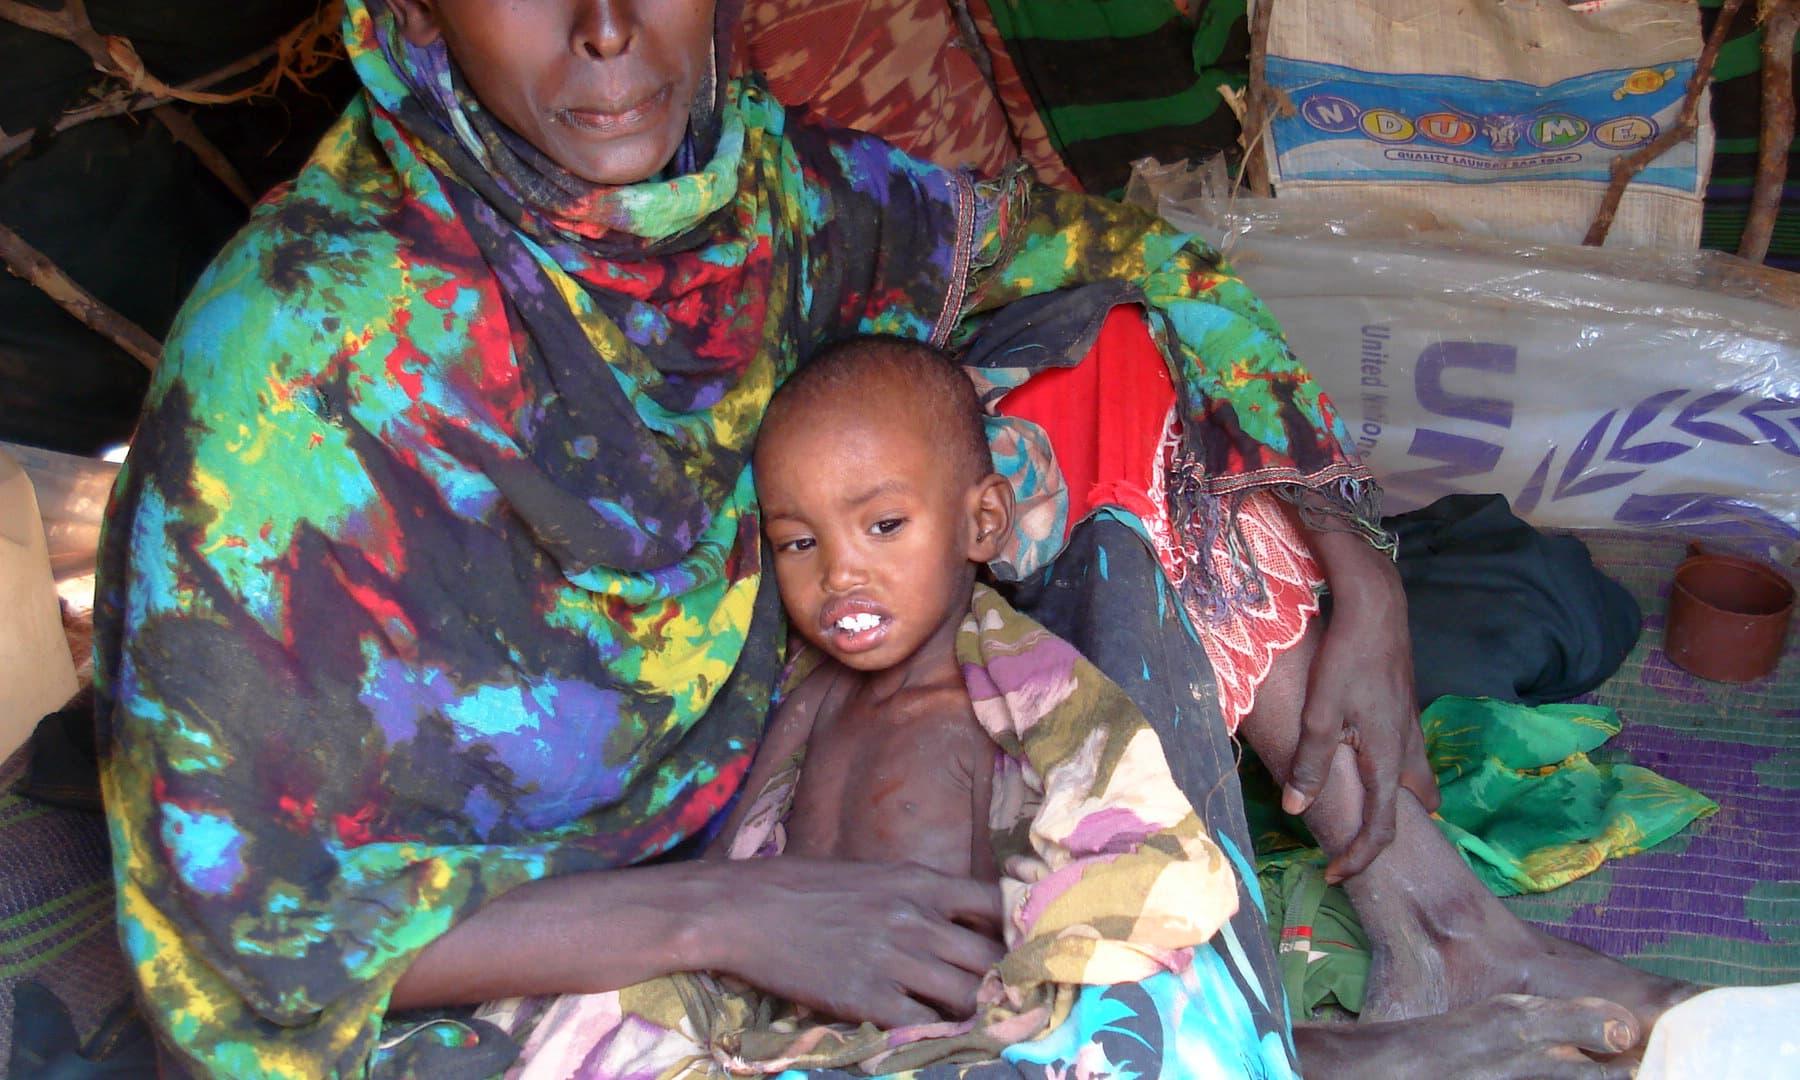 غربت اور بھوک و افلاس کی وجہ سے بچے انتہائی کمزور ہوگئے ہیں— فوٹو عظمت اکبر